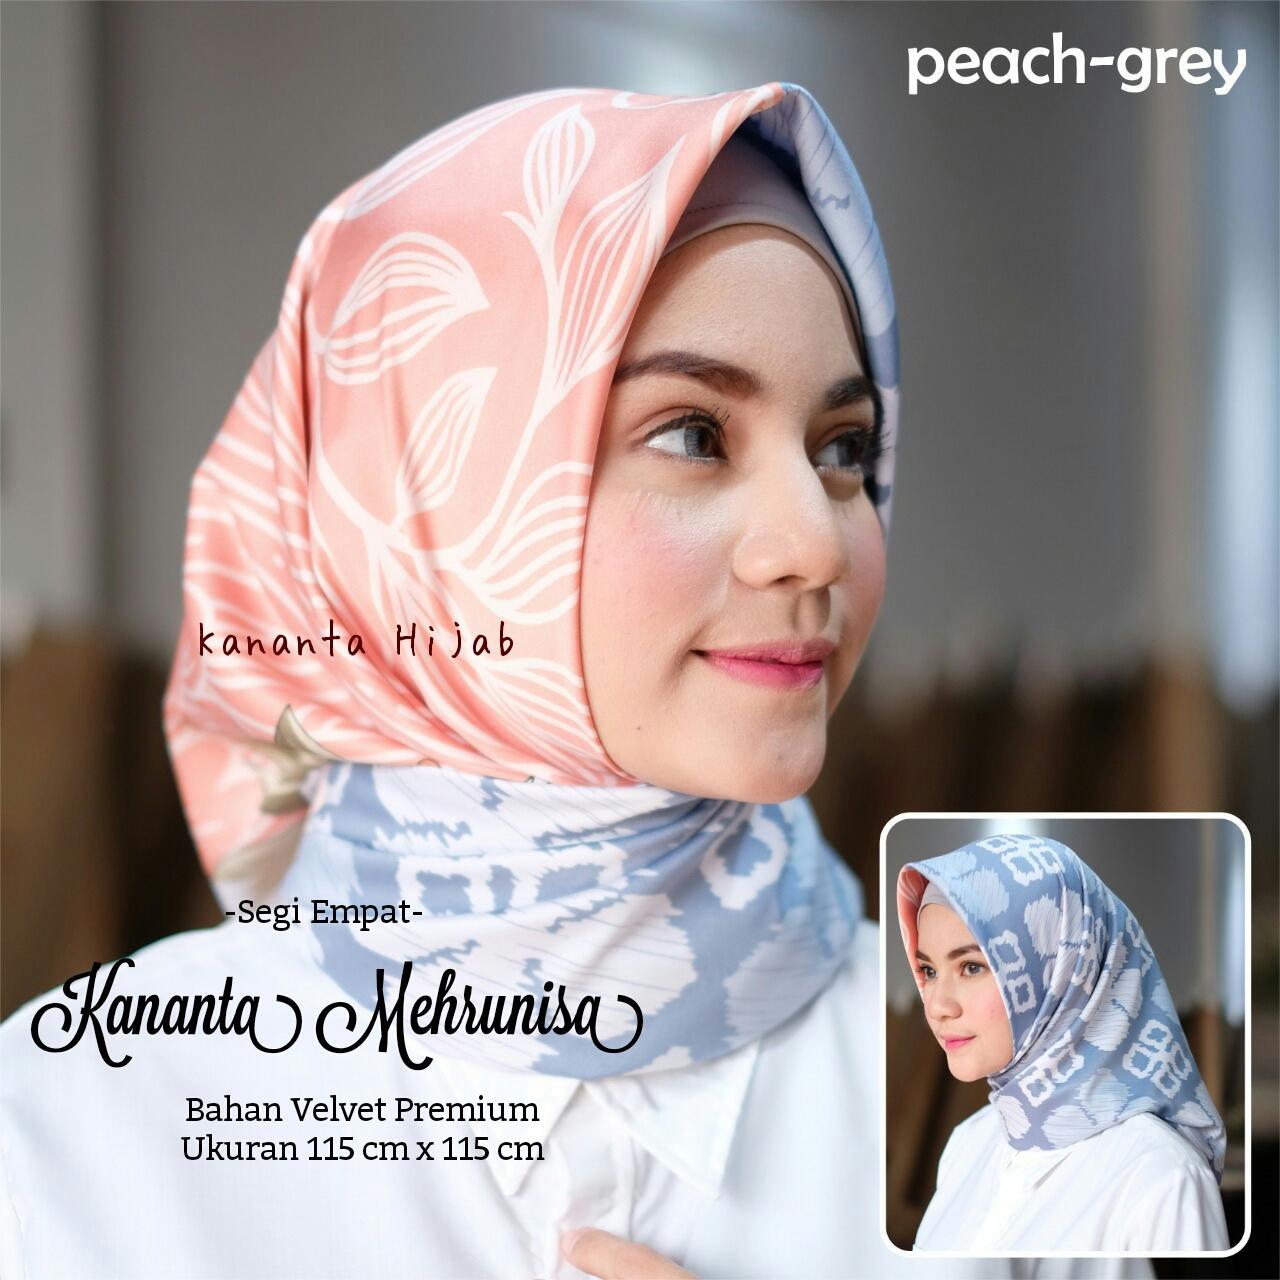 Kananta Hijab Segi Empat Motif / Jilbab Segi Empat Motif / Kerudung Segi Empat Motif / KANANTA MEHRUNISA / Bahan Kain Velvet Premium